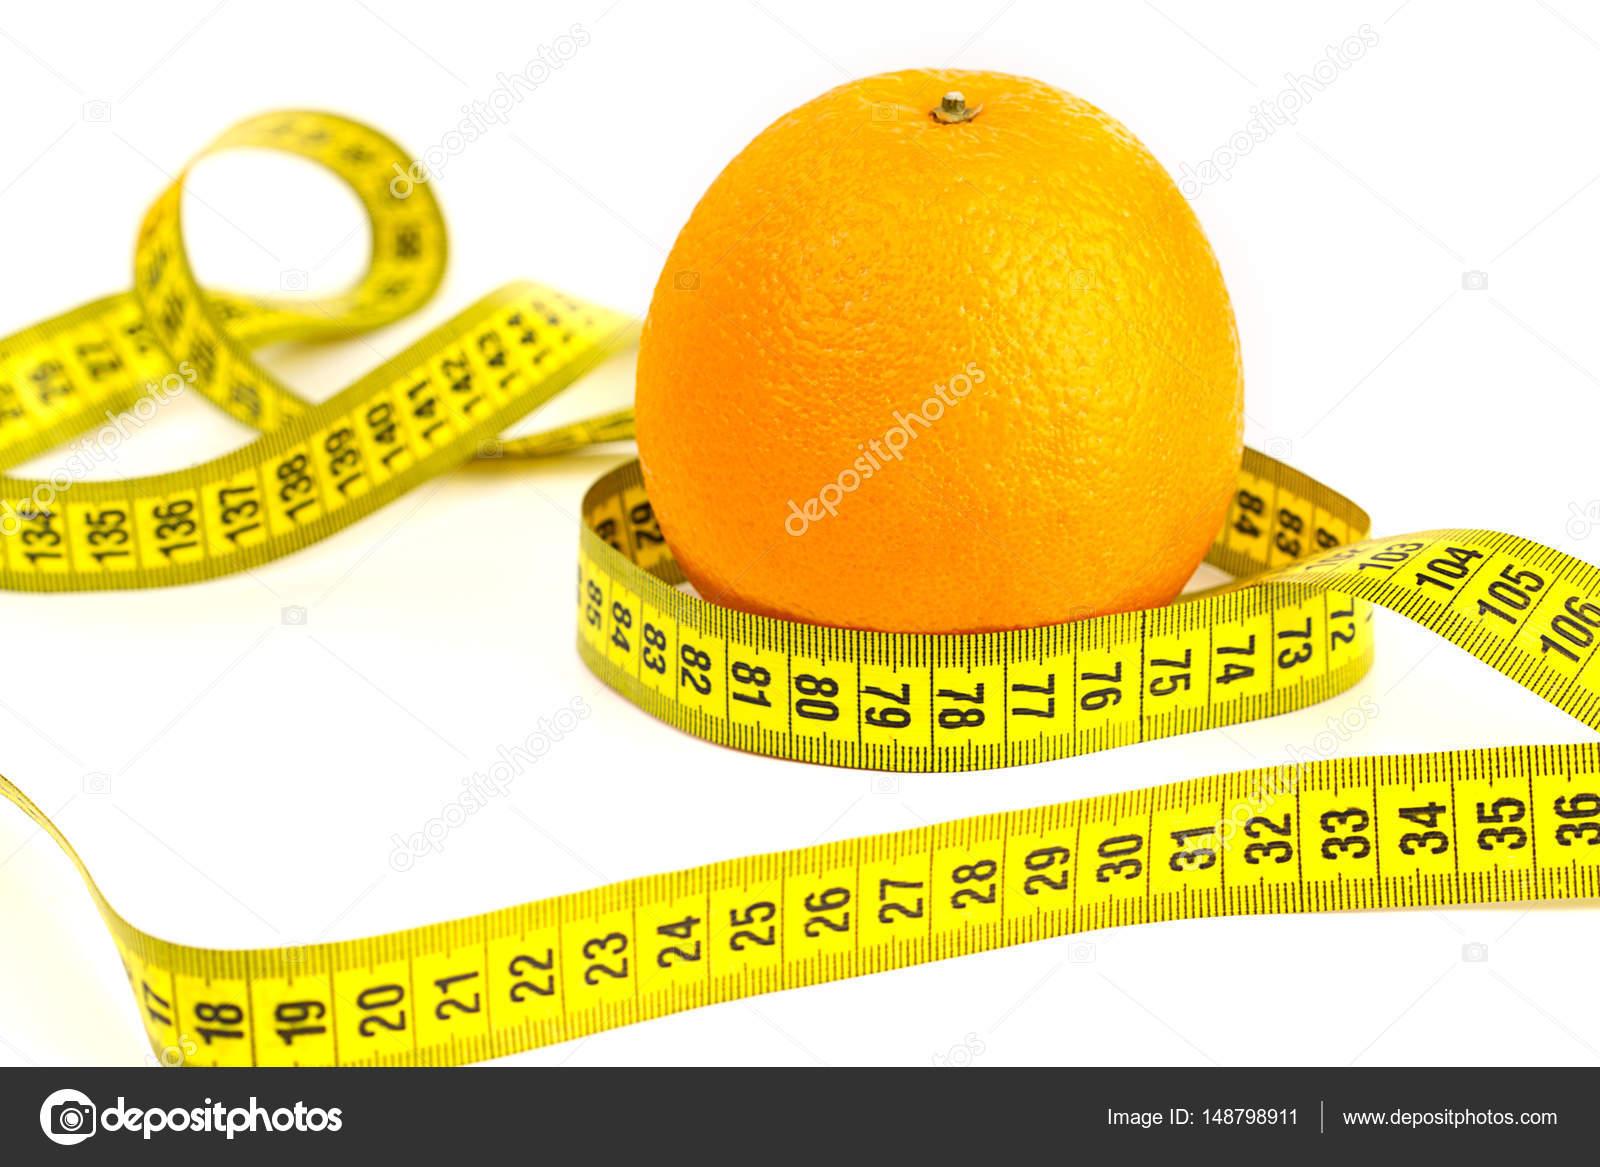 Апельсиновый рулетка казино перевод петр карцев смотреть онлайн